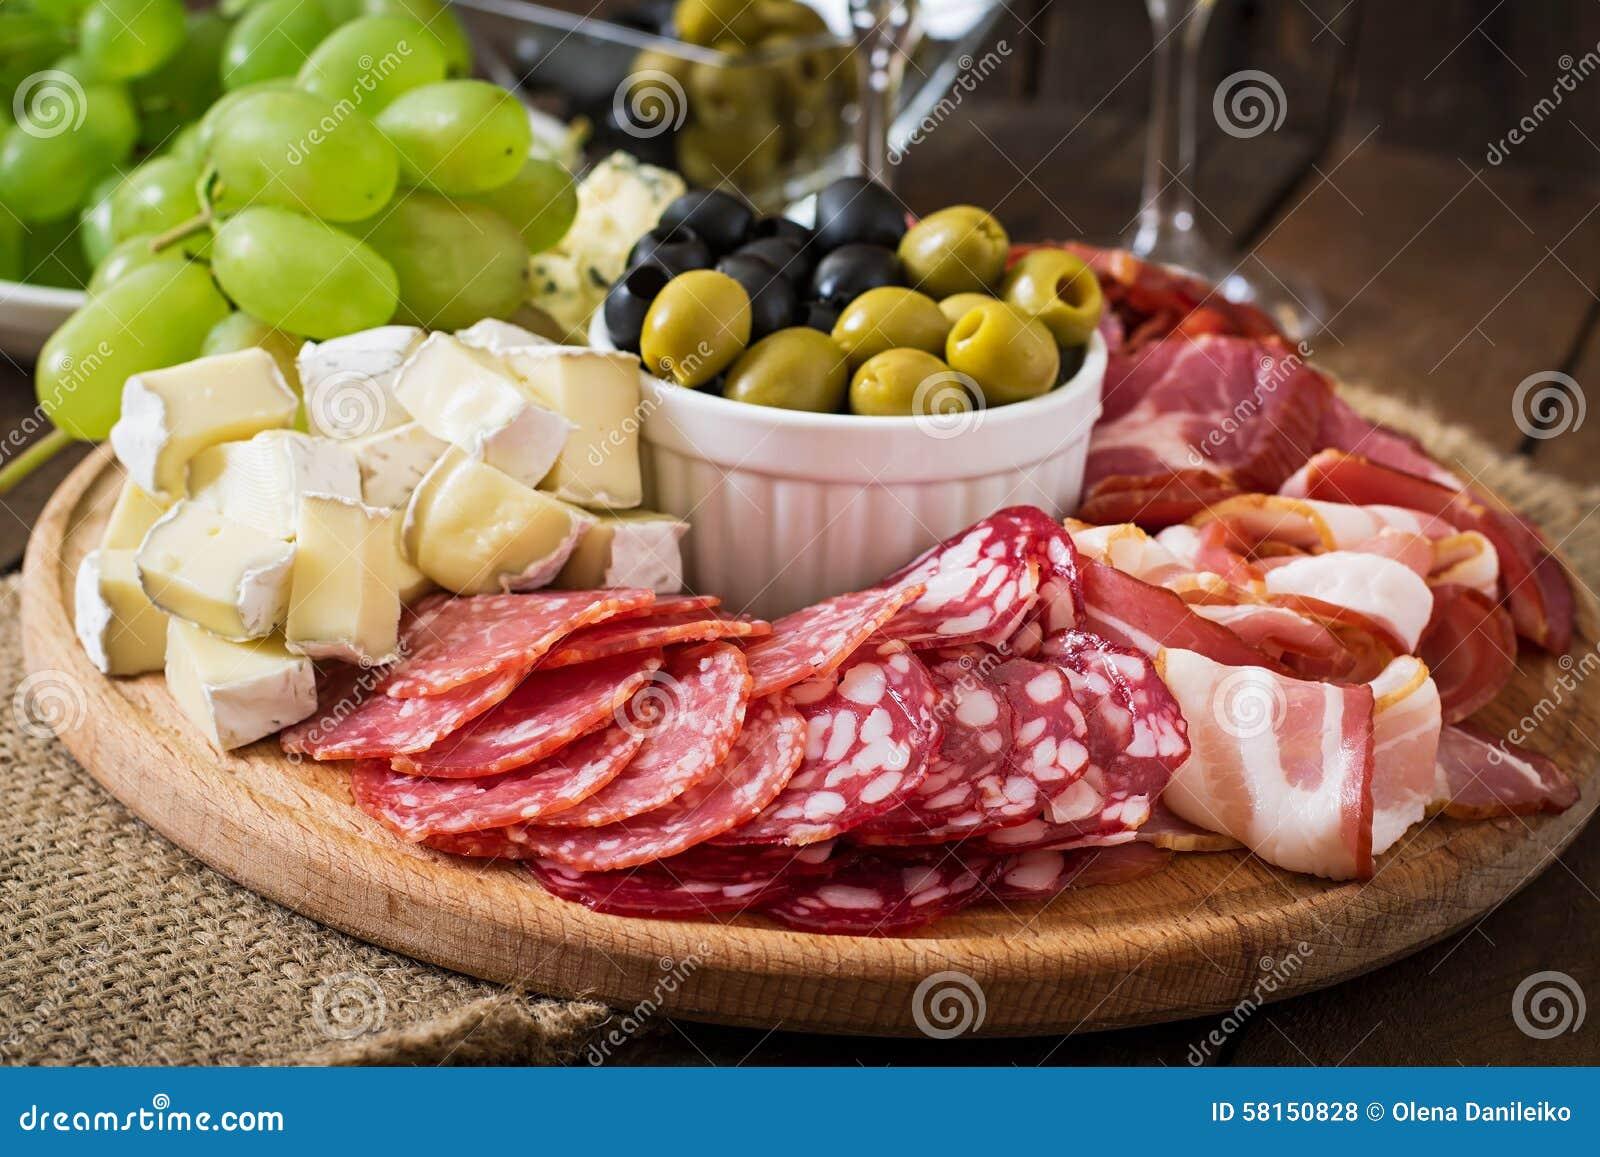 开胃小菜承办酒席盛肉盘用烟肉,生涩,蒜味咸腊肠、乳酪和葡萄